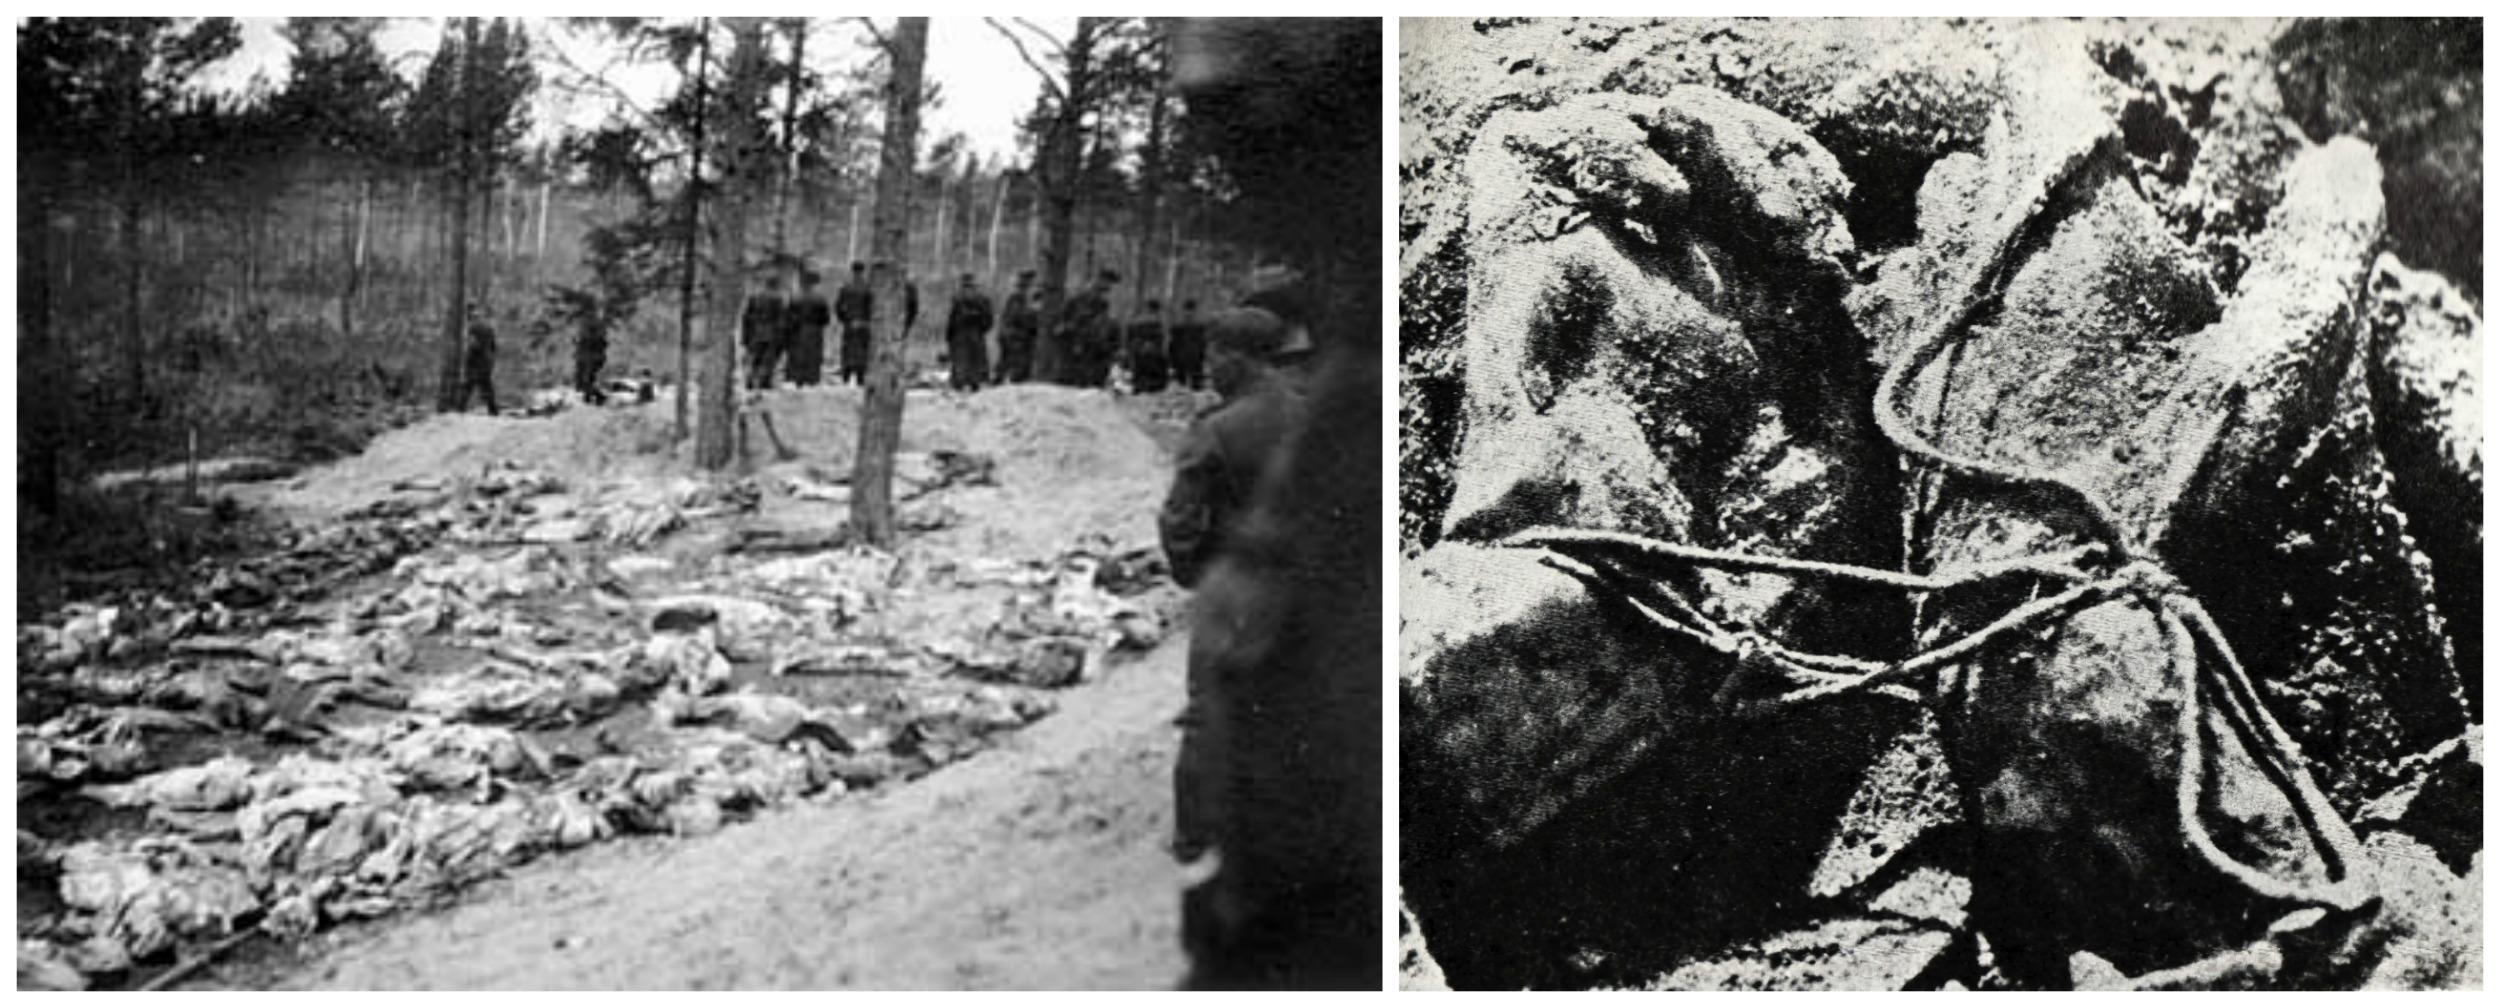 Ekshumacja masowego grobu oficerów polskich w Katyniu, 1943 r. Z prawej strony tzw. węzeł katyński - tak na plecach wiązano ręce ofiarom (fot. Wikimedia.org / Domena publiczna)